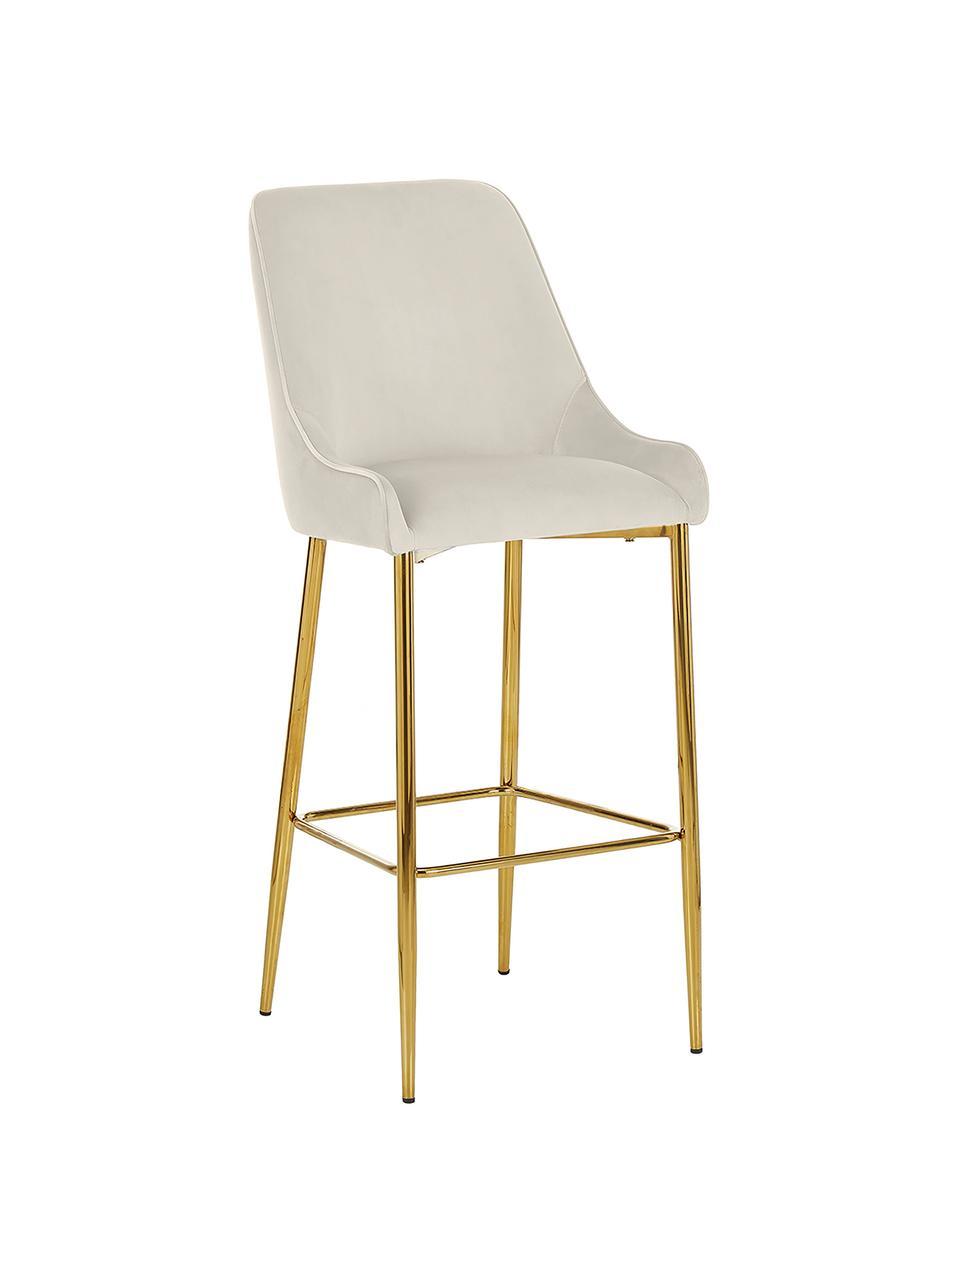 Sedia da bar in velluto con gambe dorate Ava, Rivestimento: velluto (100% poliestere), Velluto beige, Larg. 48 x Alt. 107 cm